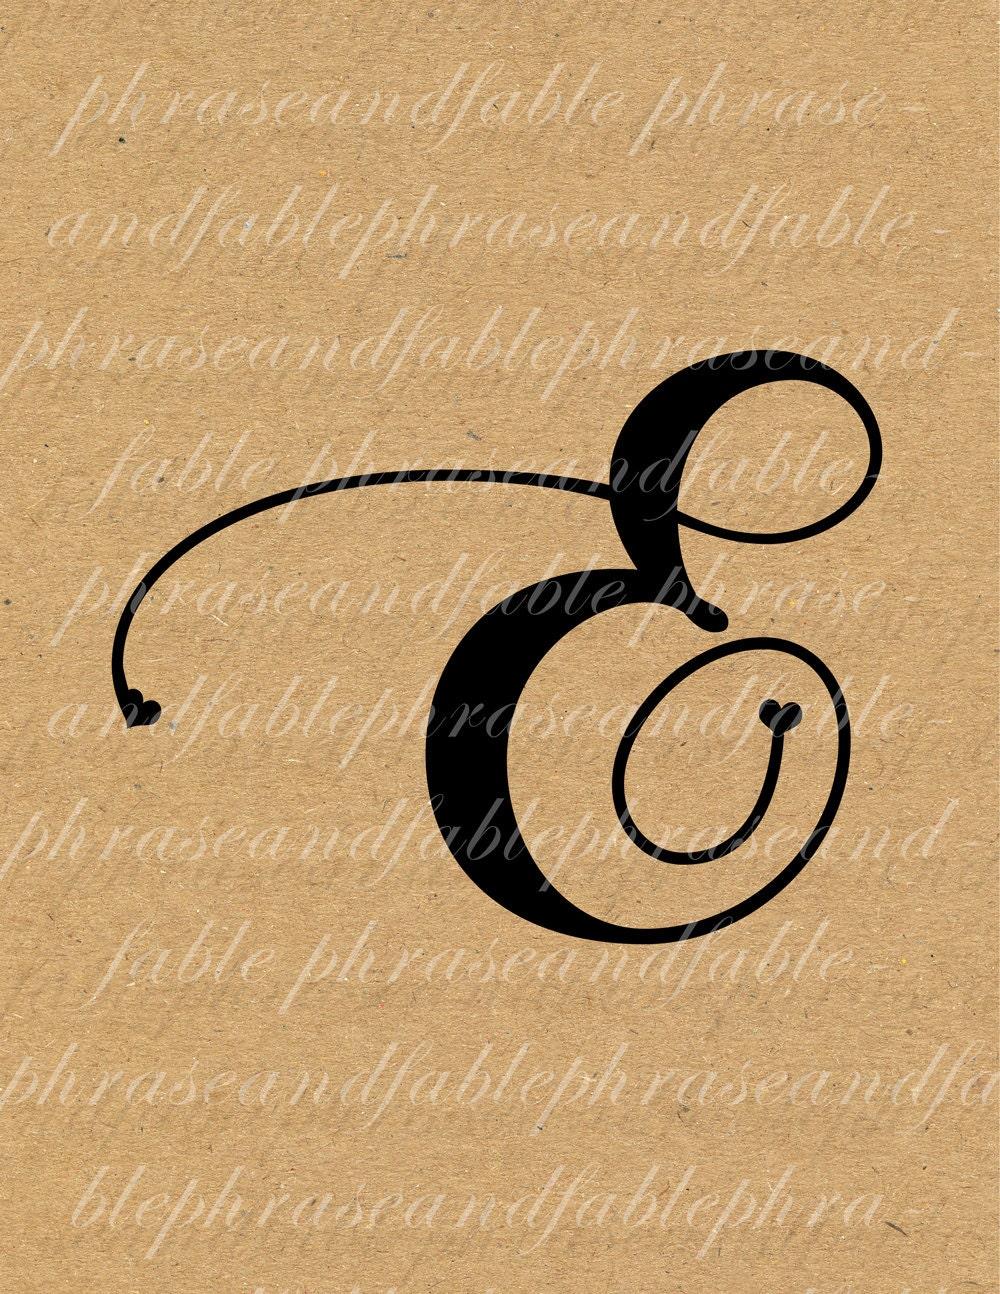 16 letter g tattoo designs lettera e cuore 276 digital download alfabeto iniziale nome. Black Bedroom Furniture Sets. Home Design Ideas